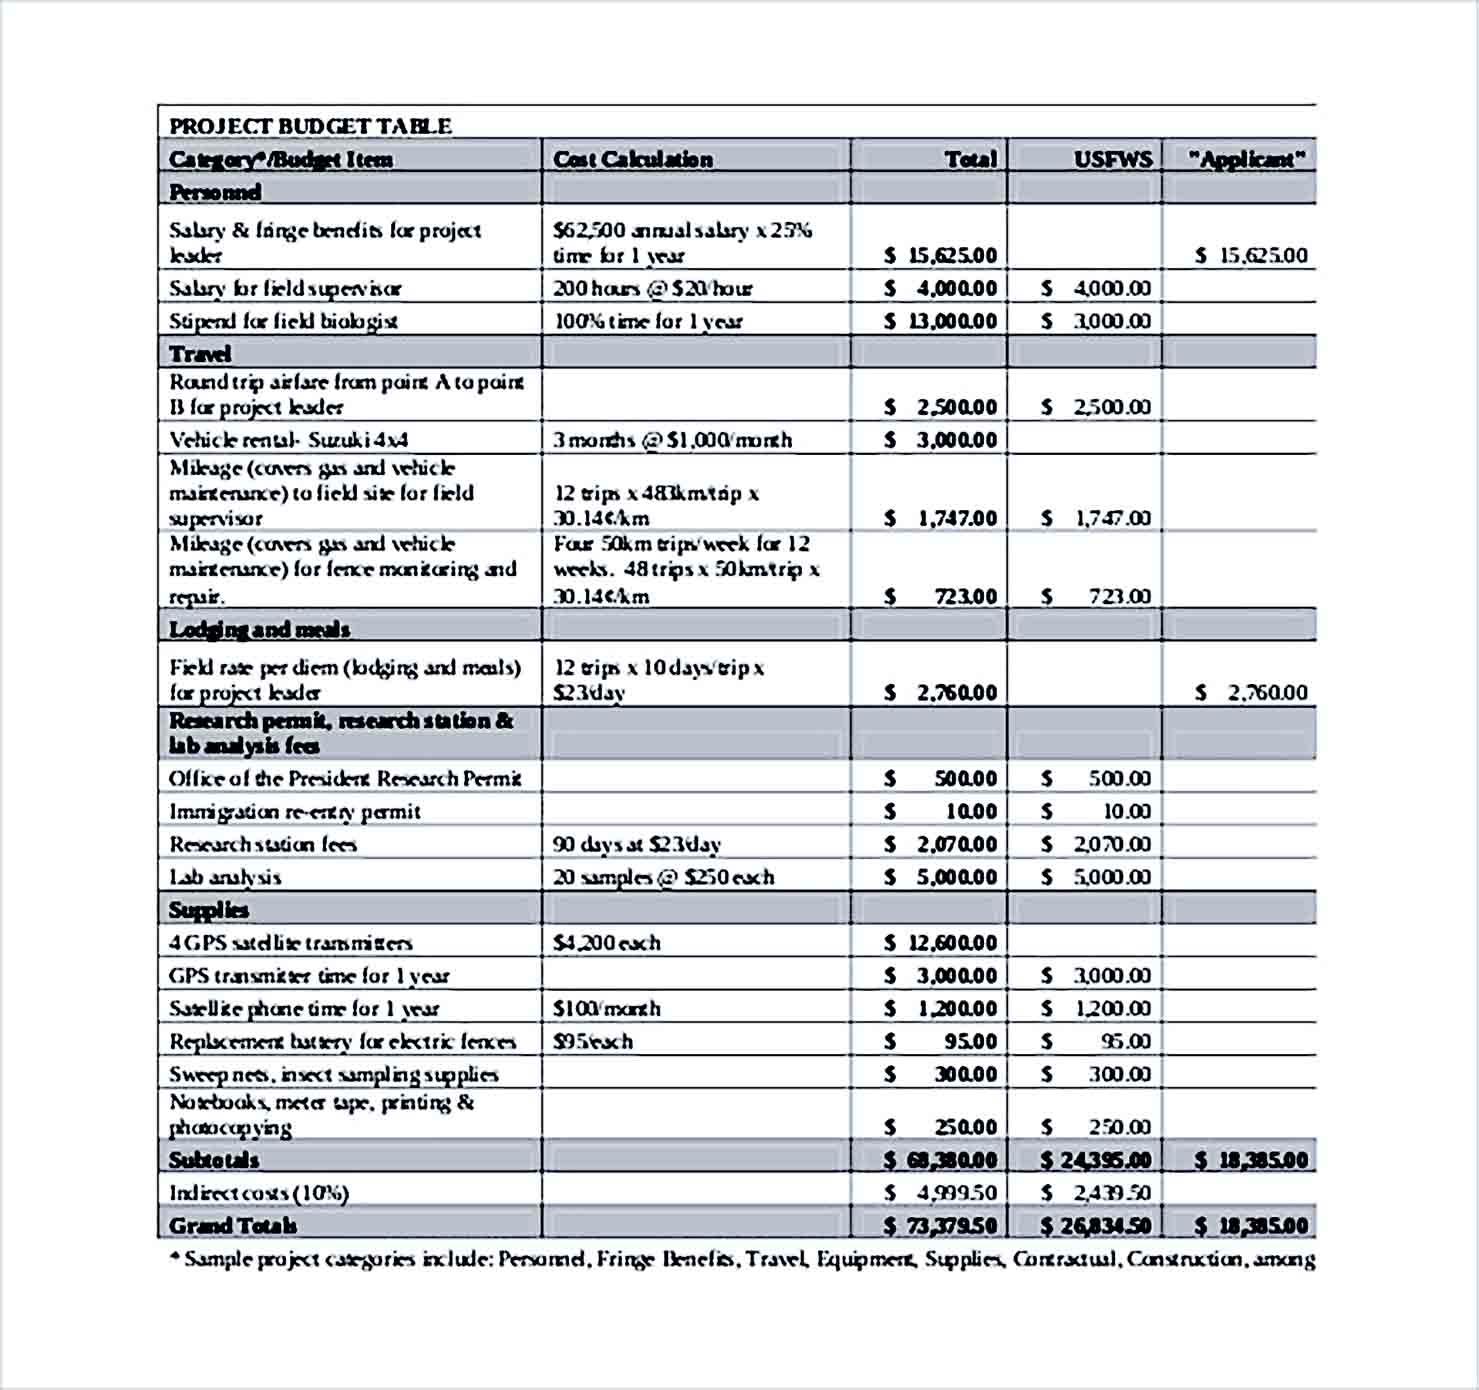 Sample Project Budget Worksheet